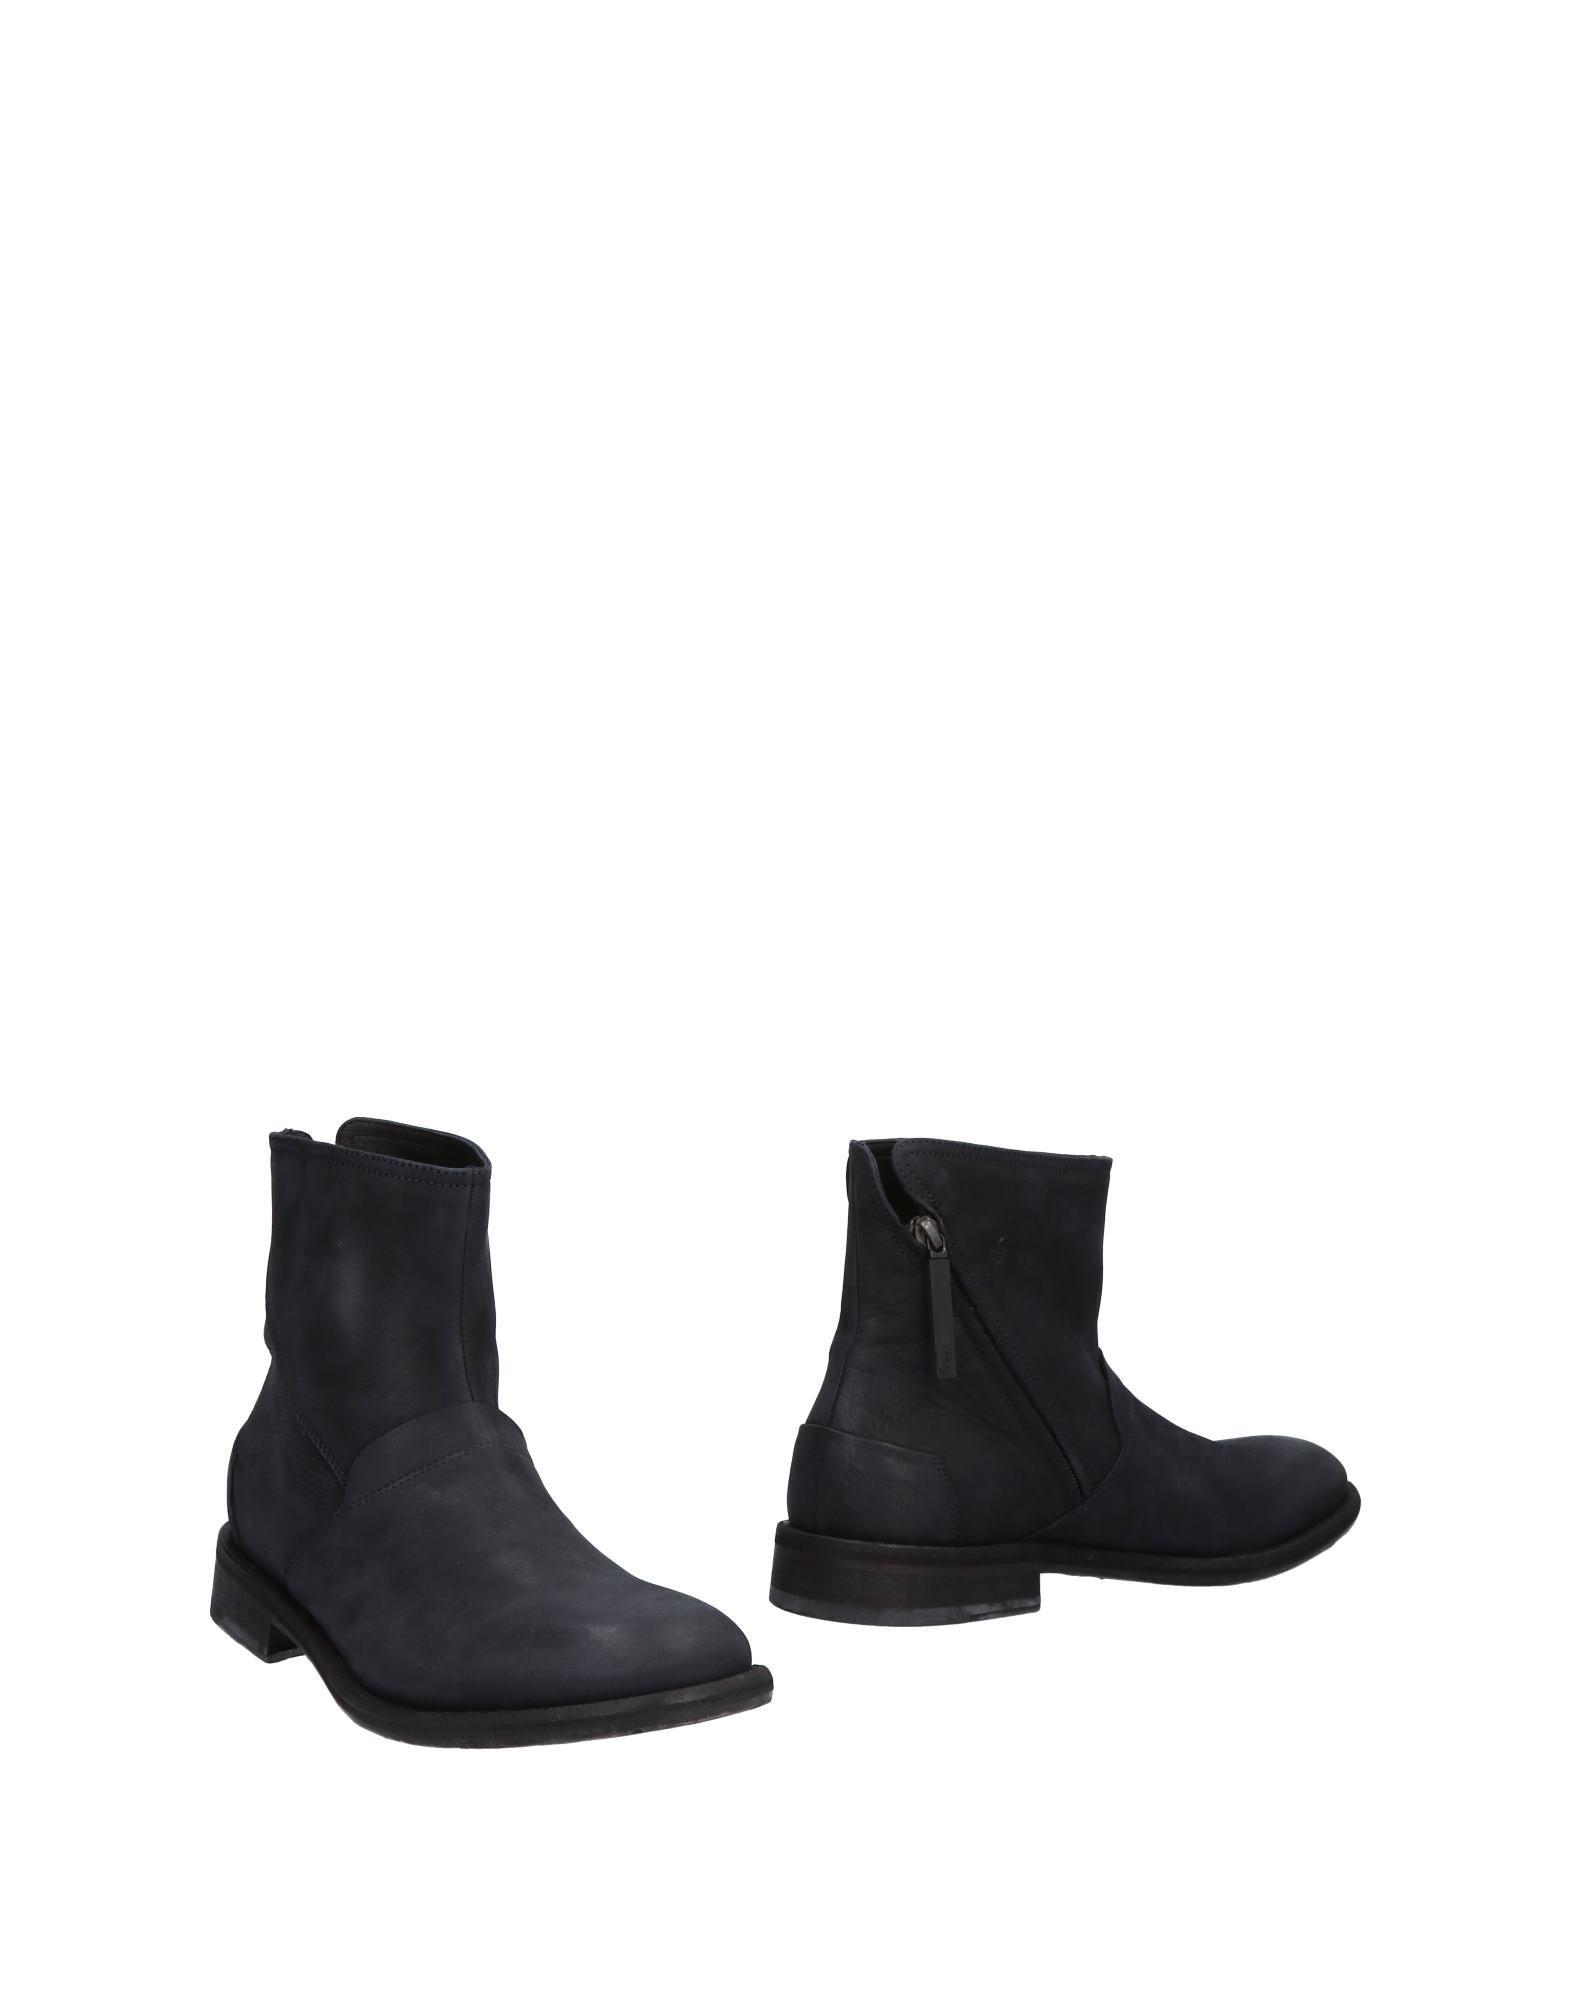 Bruno Bordese Stiefelette Herren  11482469II Gute Qualität beliebte Schuhe